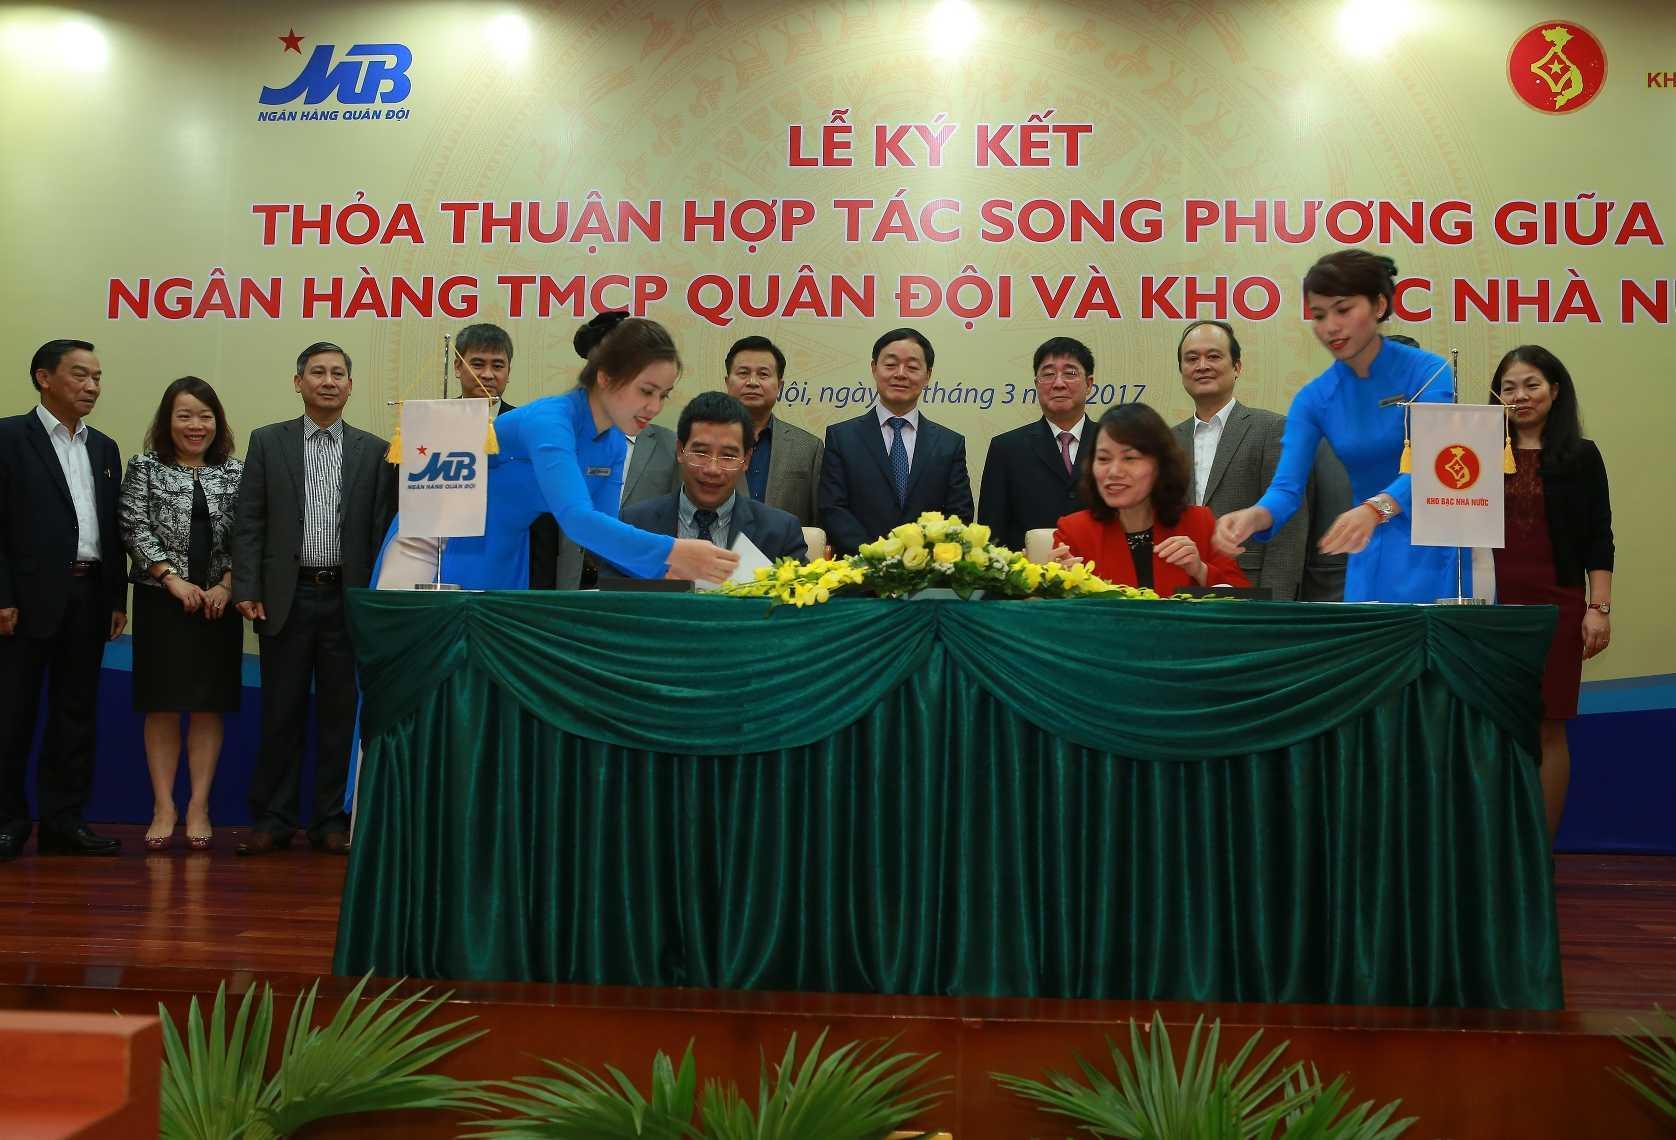 Le ky ket hop tac song phuong giua Kho bac Nha nuoc va Ngan hang TMCP Quan doi hinh anh 2